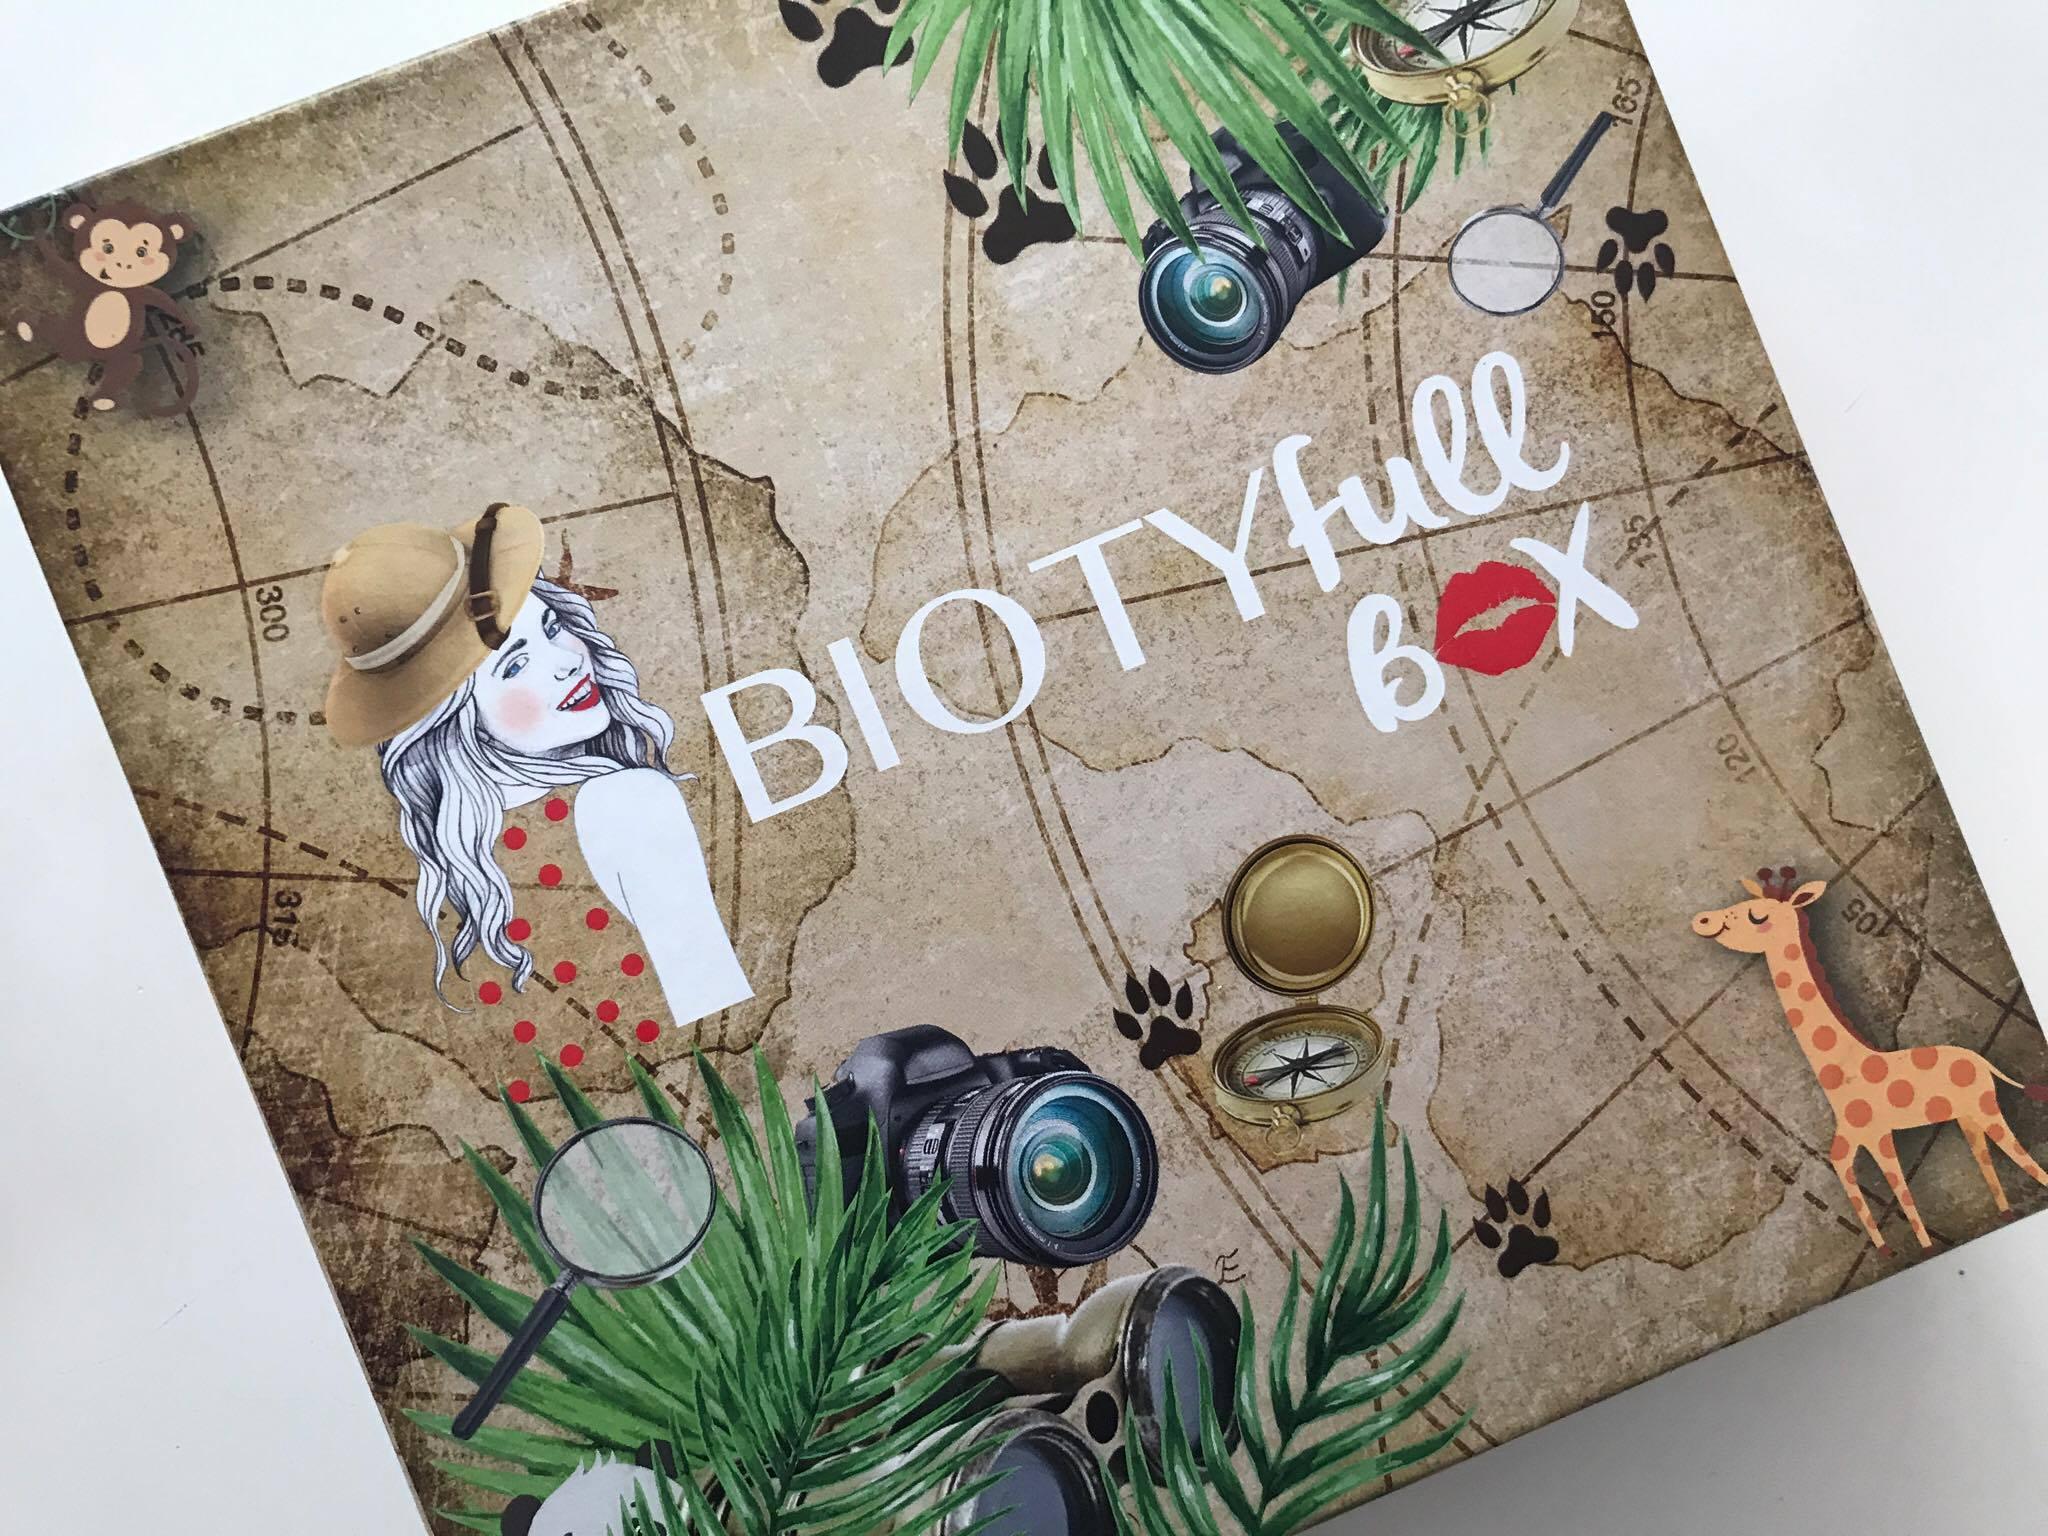 [chronique] La biotyfull Box d'août : L'aventurière !